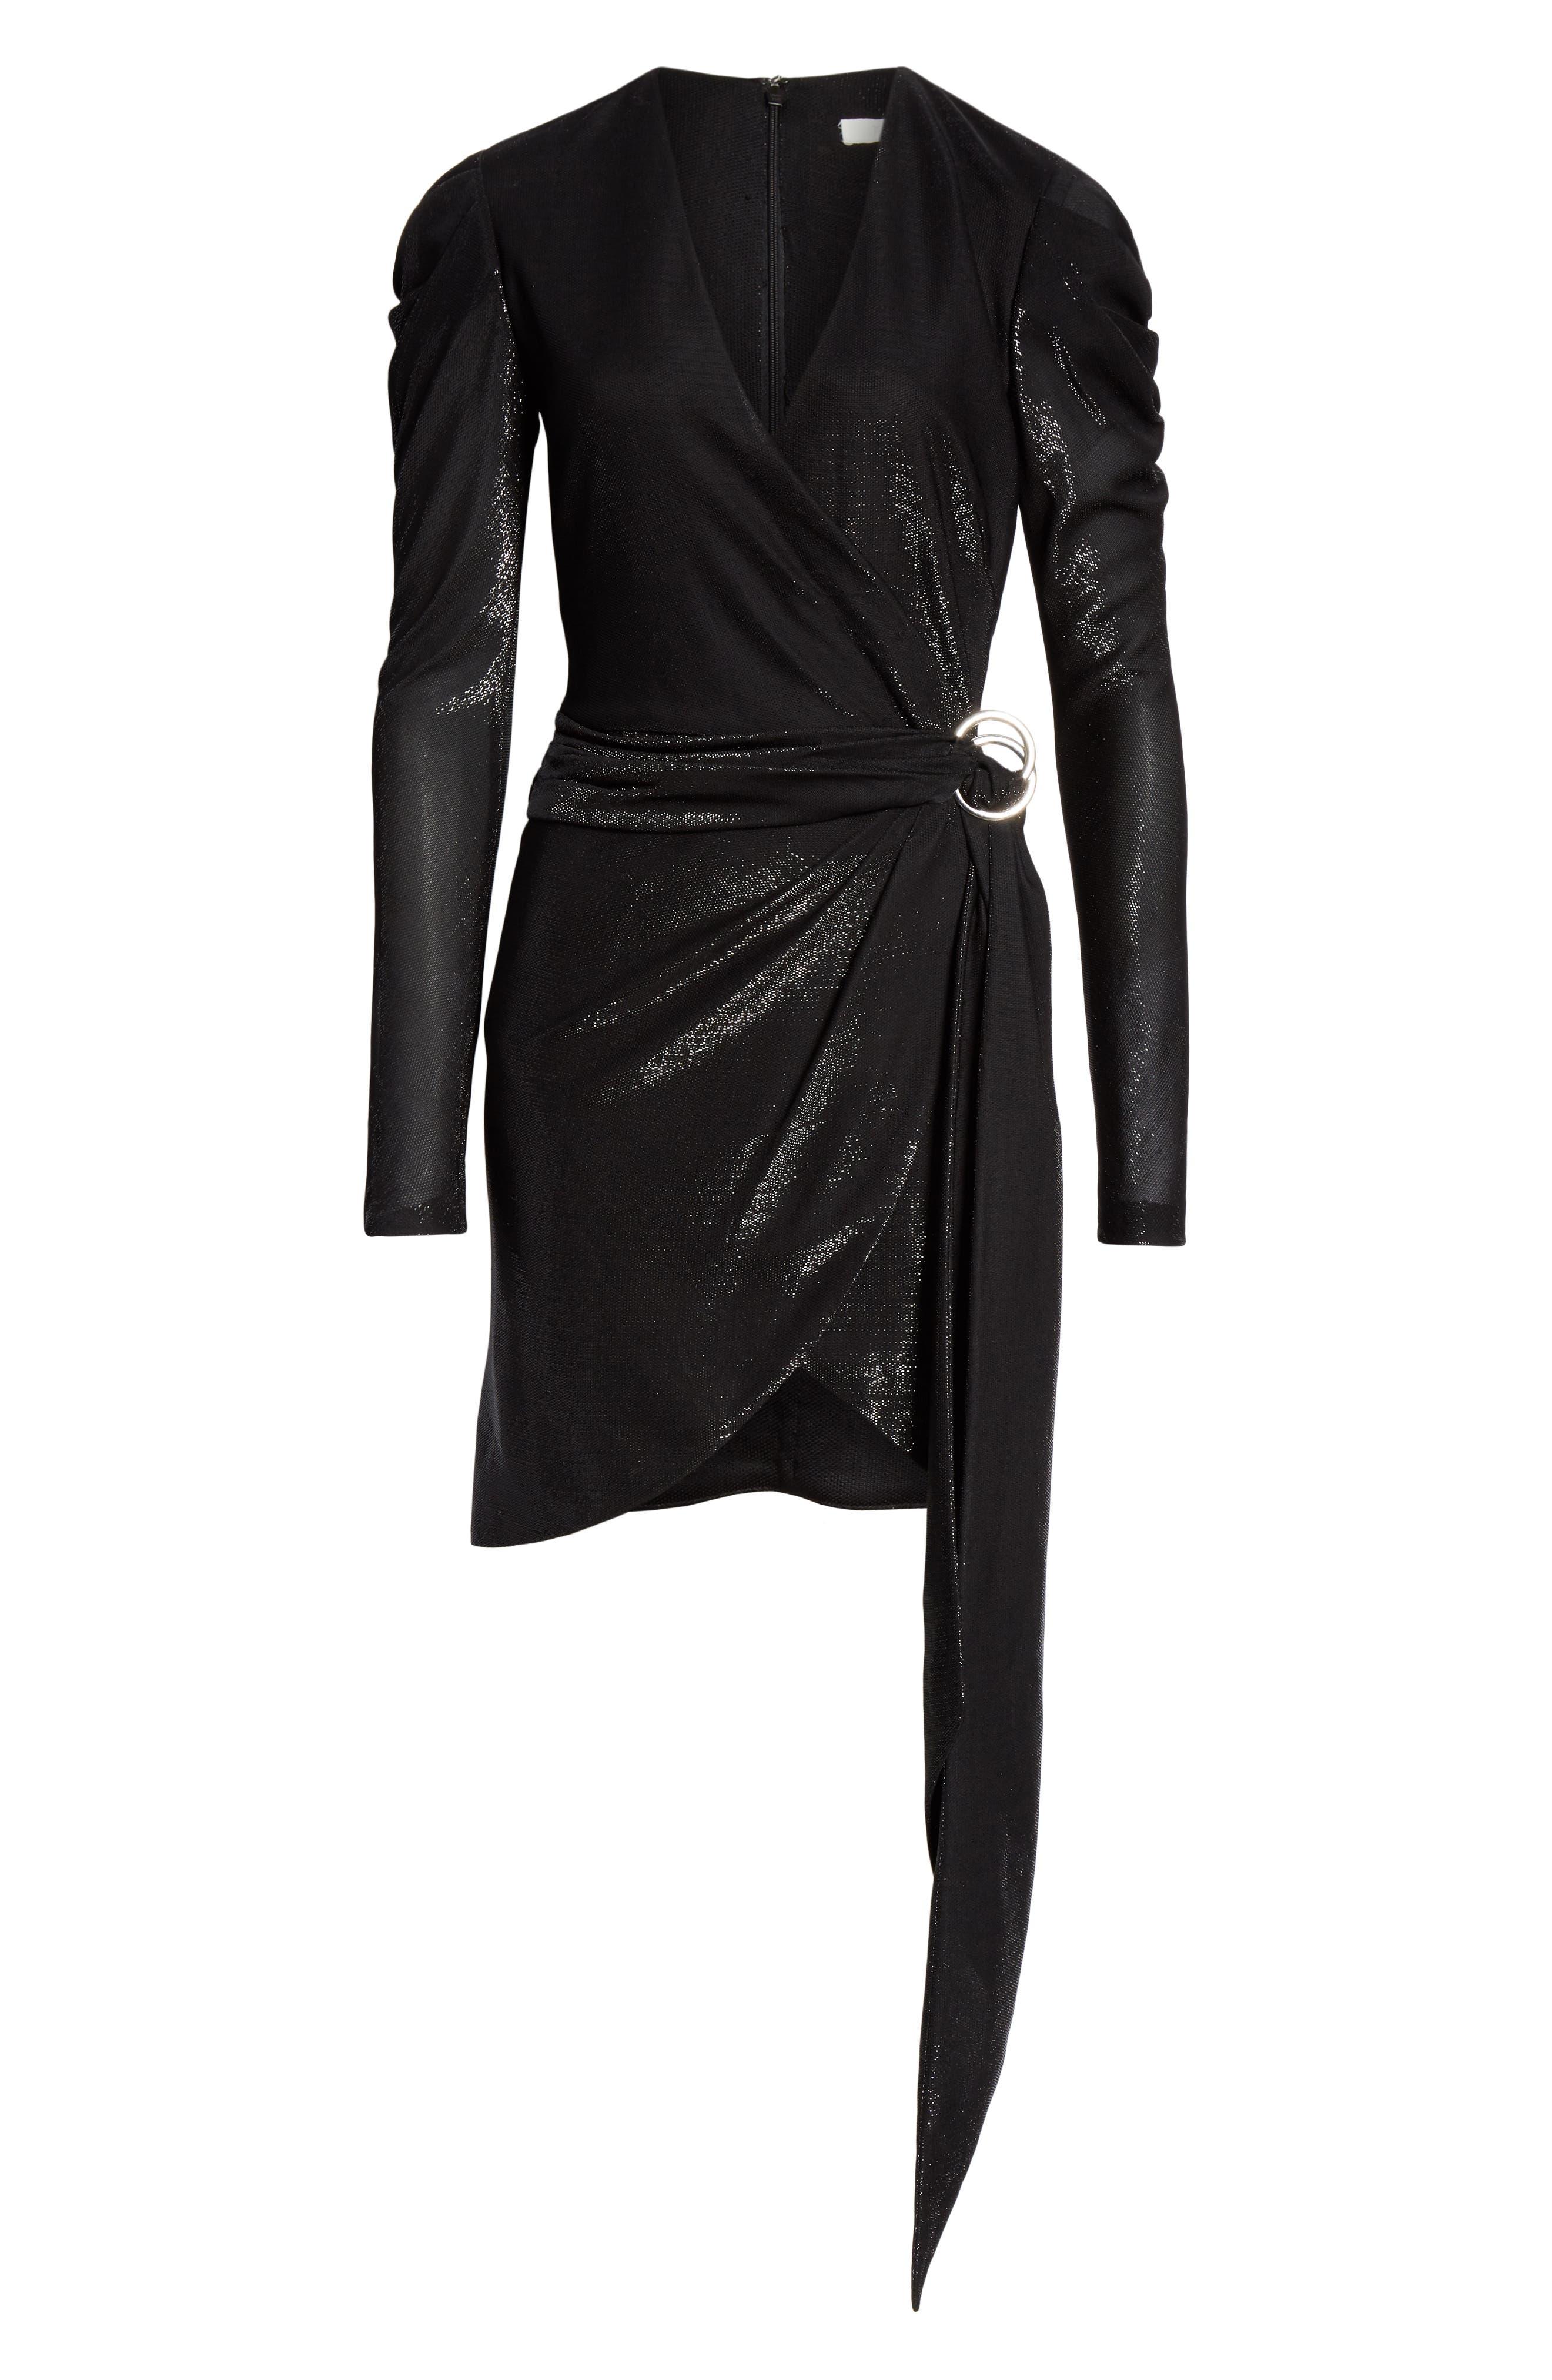 JONATHAN SIMKHAI,                             Metallic Knit Dress,                             Alternate thumbnail 6, color,                             BLACK